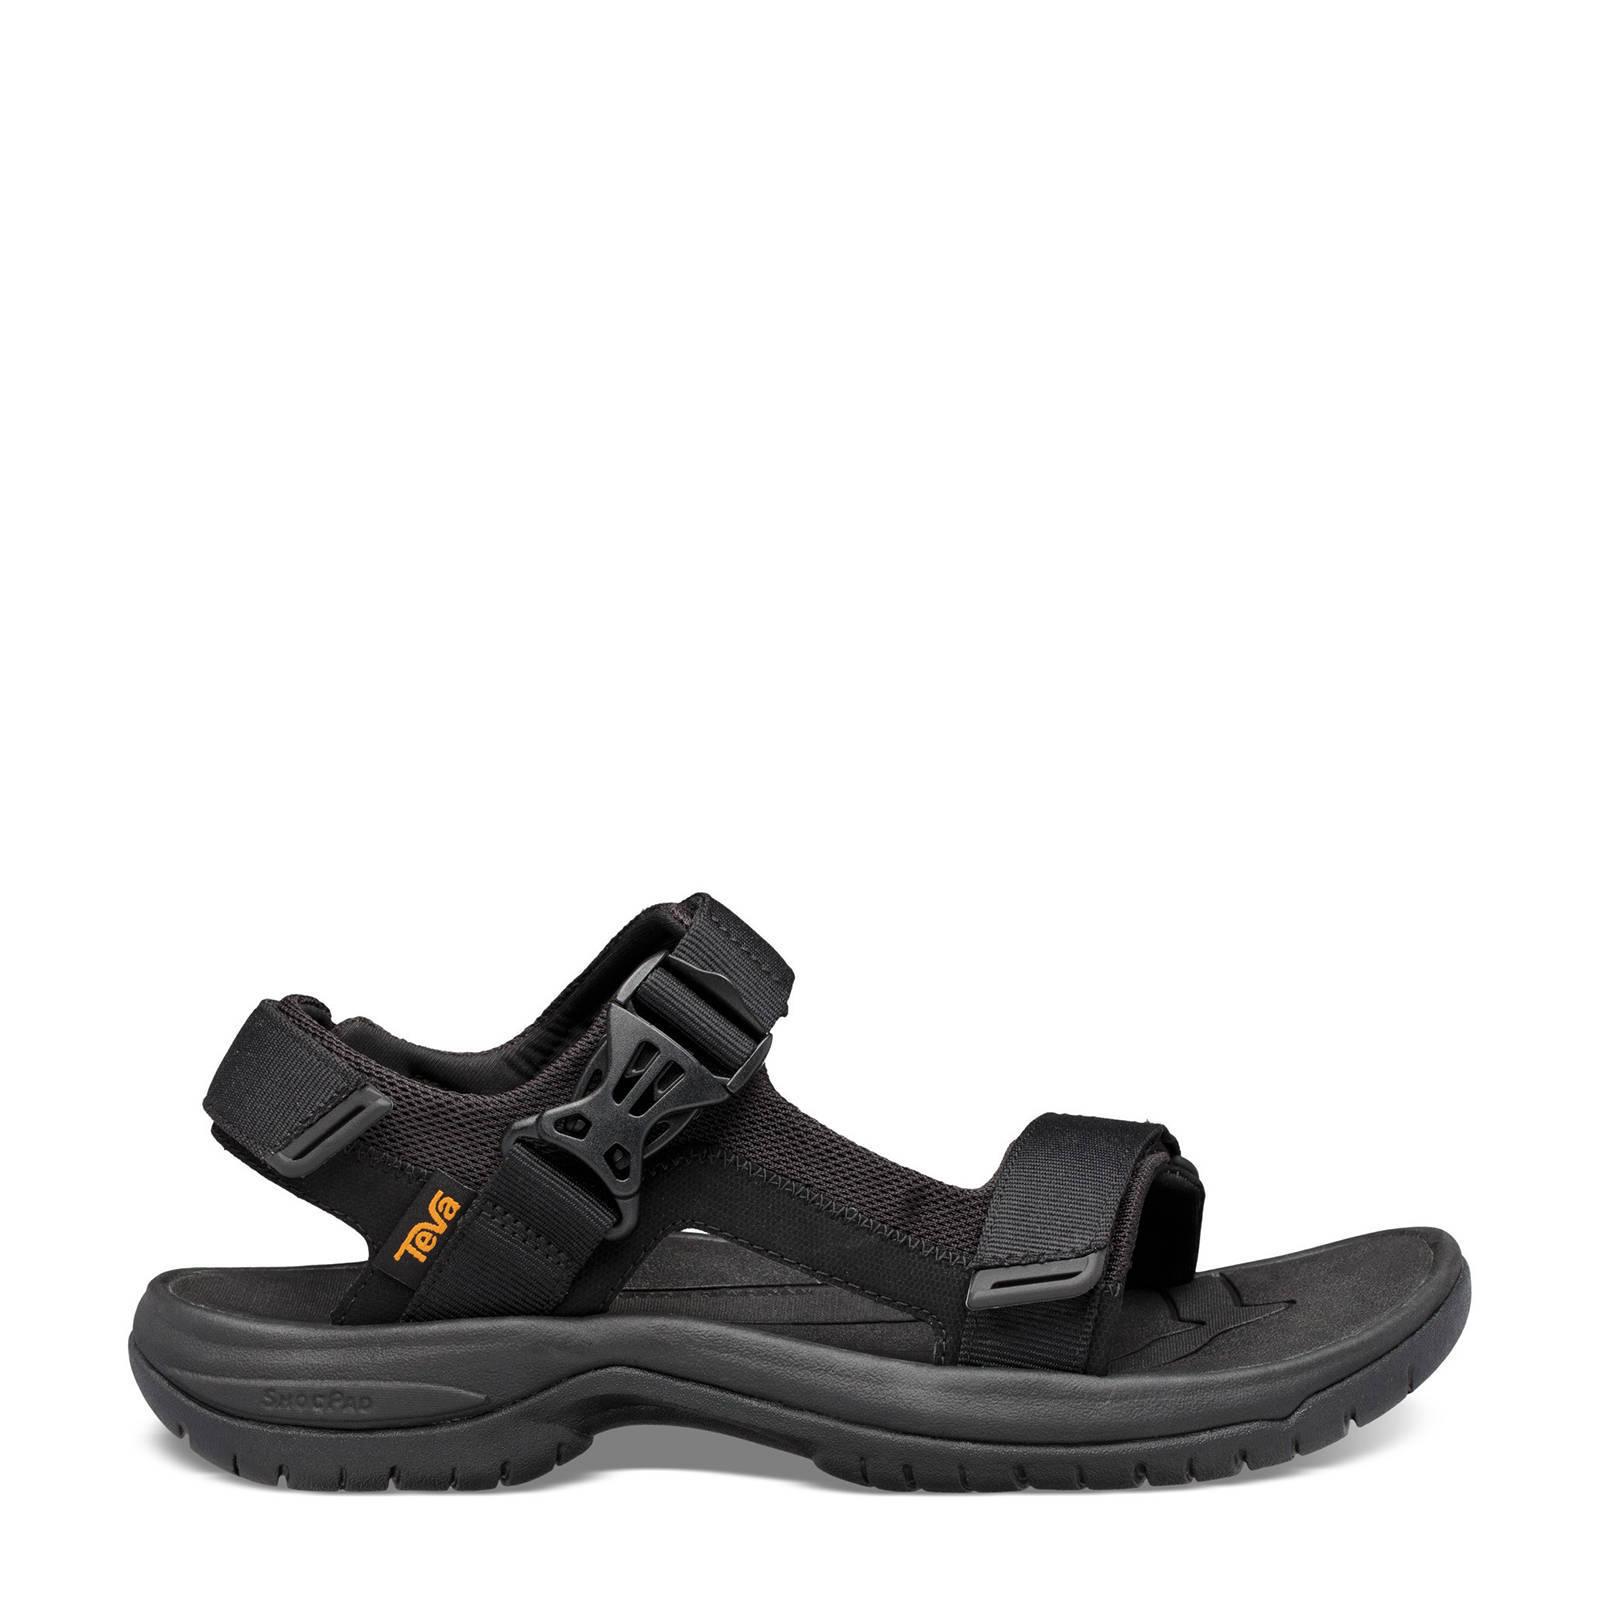 Teva Tanway Leather outdoor sandalen zwart online kopen